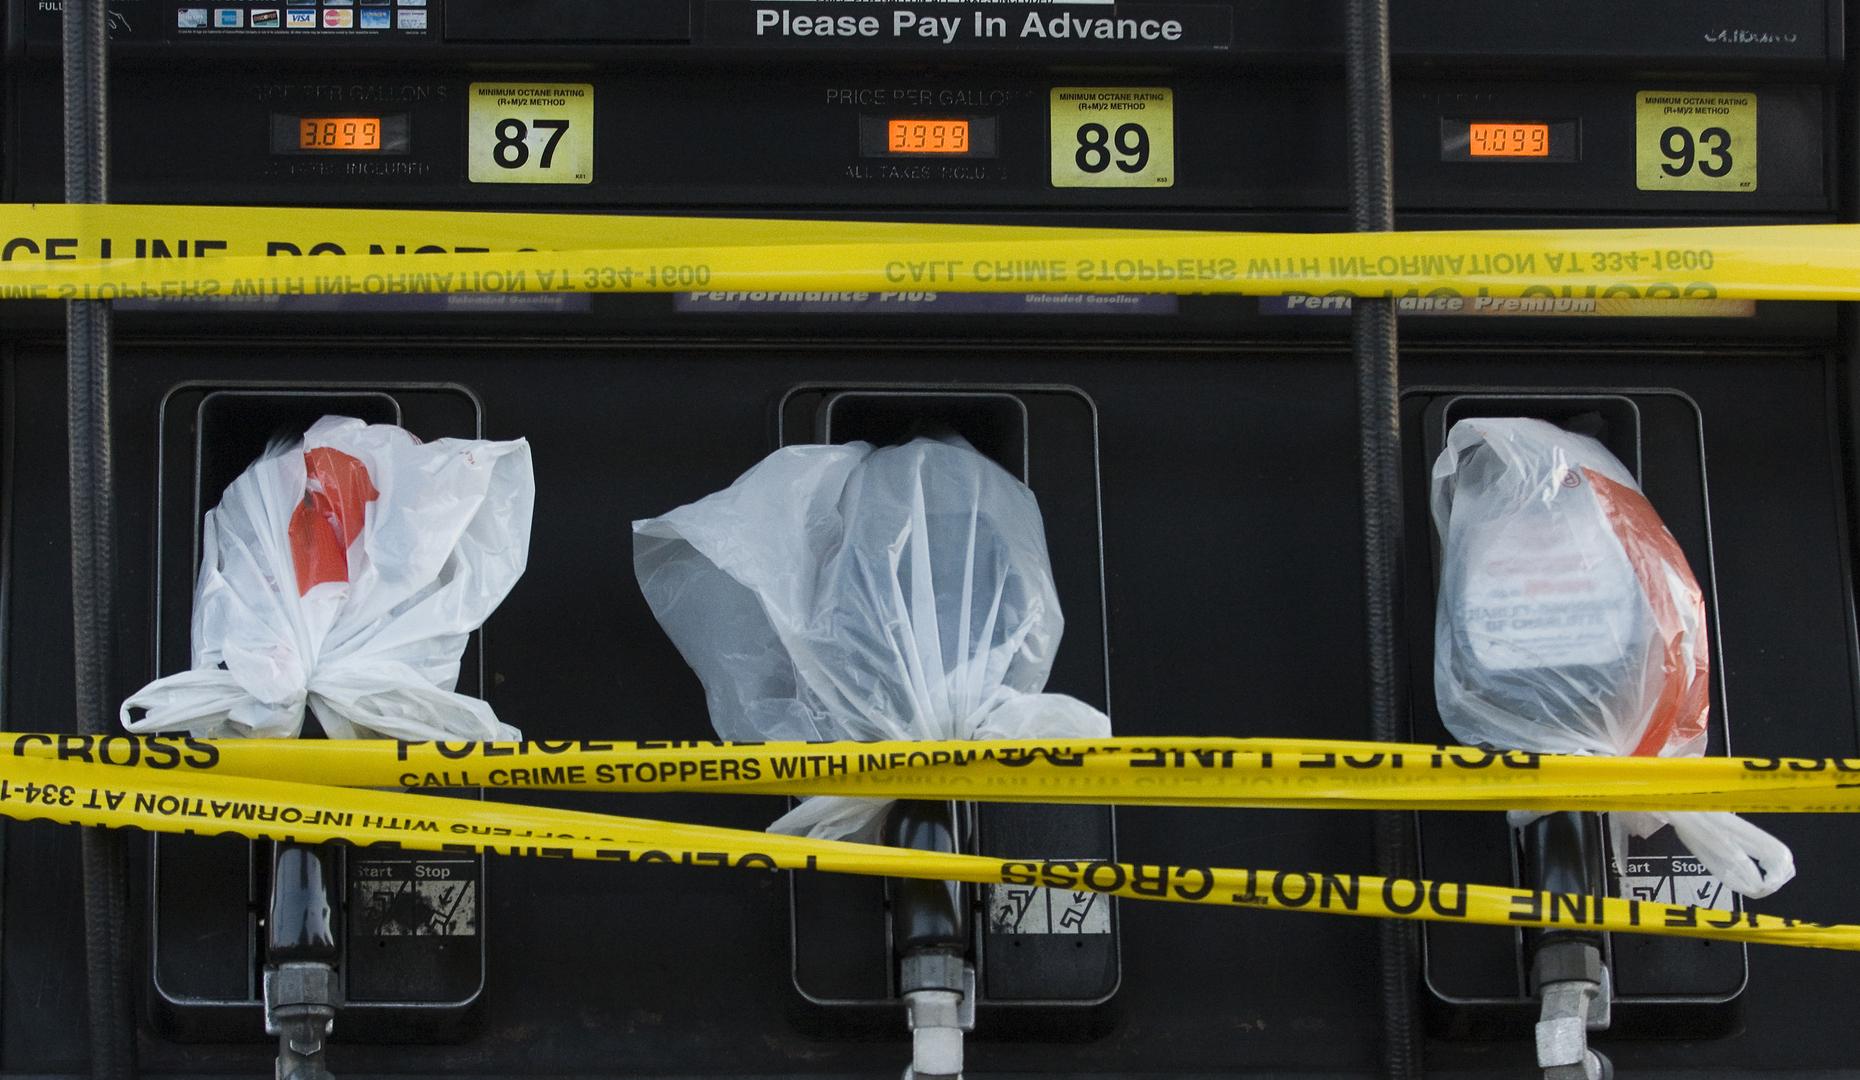 نفاد الوقود في جنوب شرق الولايات المتحدة بعد الهجوم الإلكتروني على شبكة